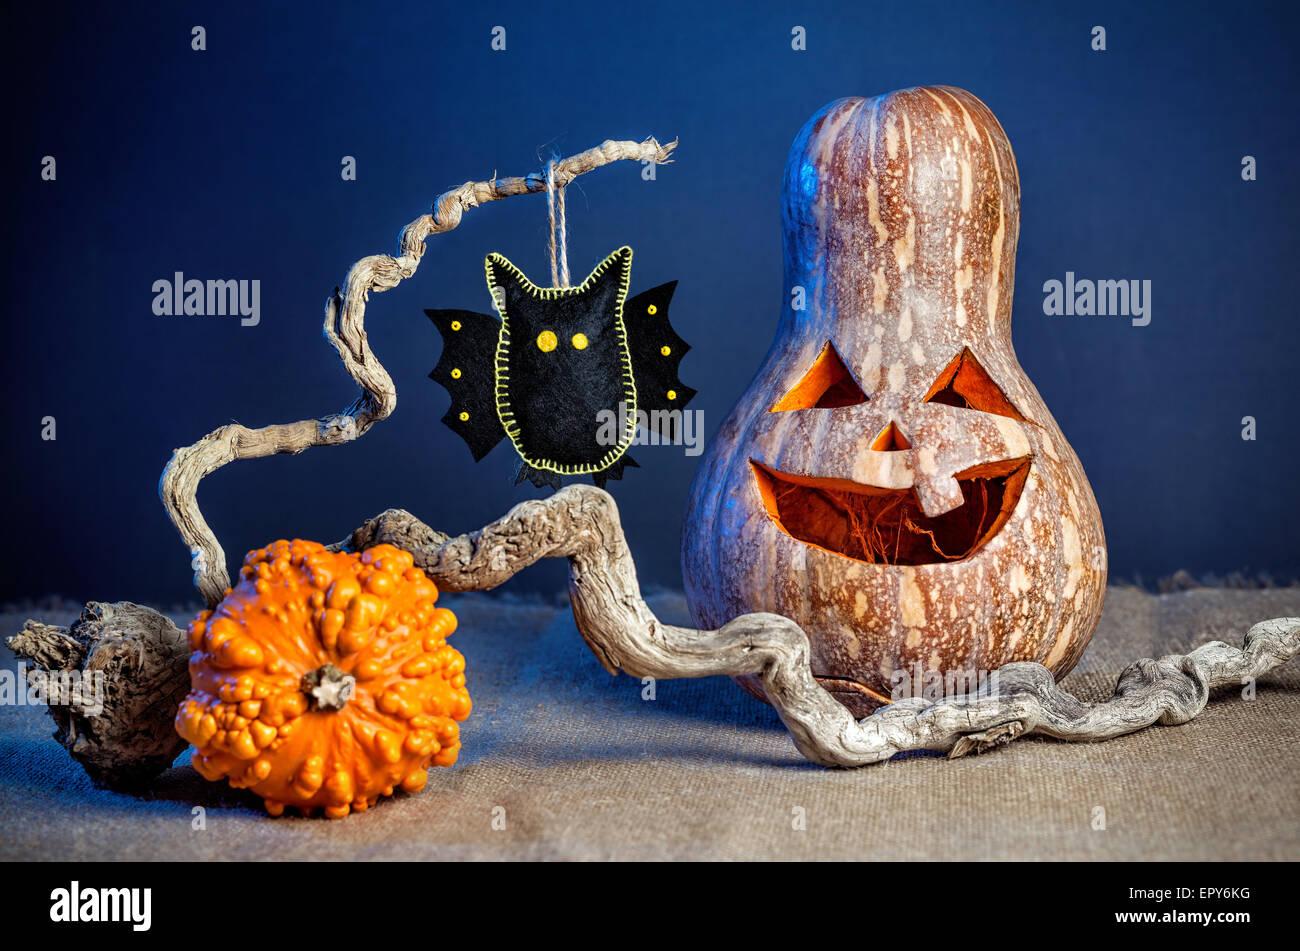 Calabaza tallada y black bat de fieltro en la sucursal en la fiesta de Halloween Imagen De Stock